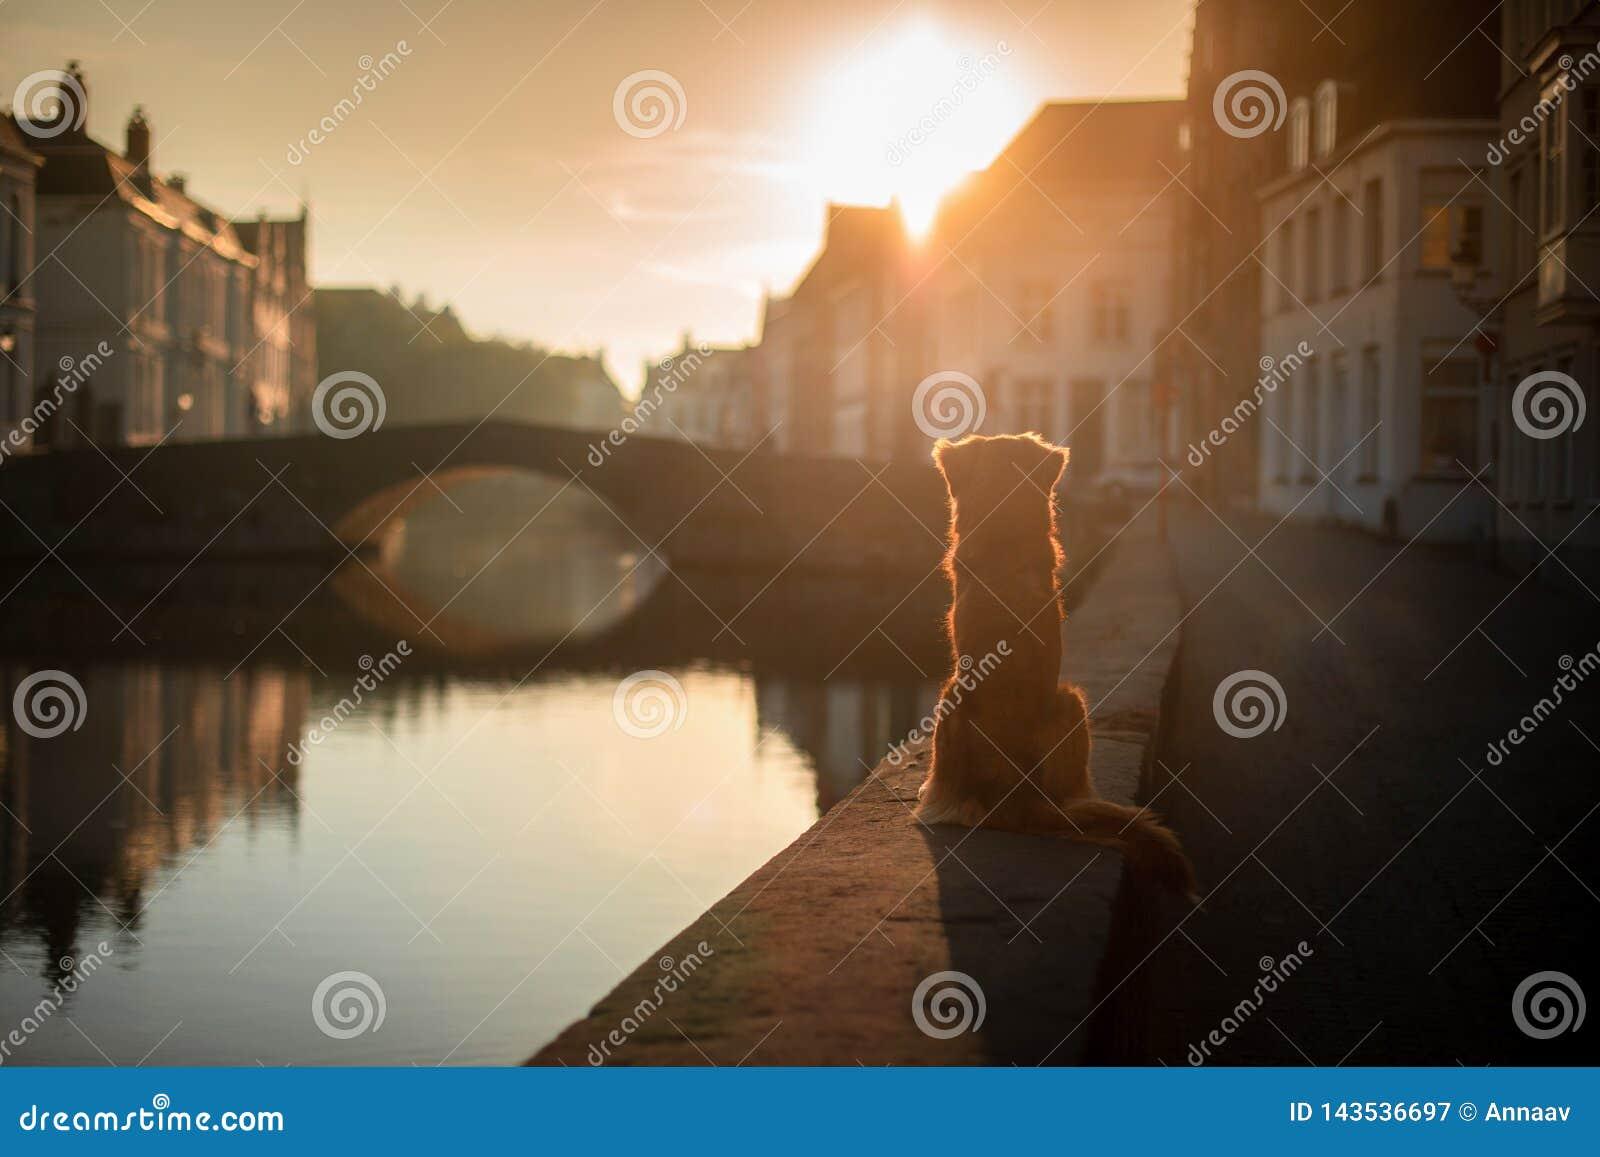 Hond op de waterkant bij zonsopgang Huisdier op aard Nova Scotia Duck Tolling Retriever, Toller